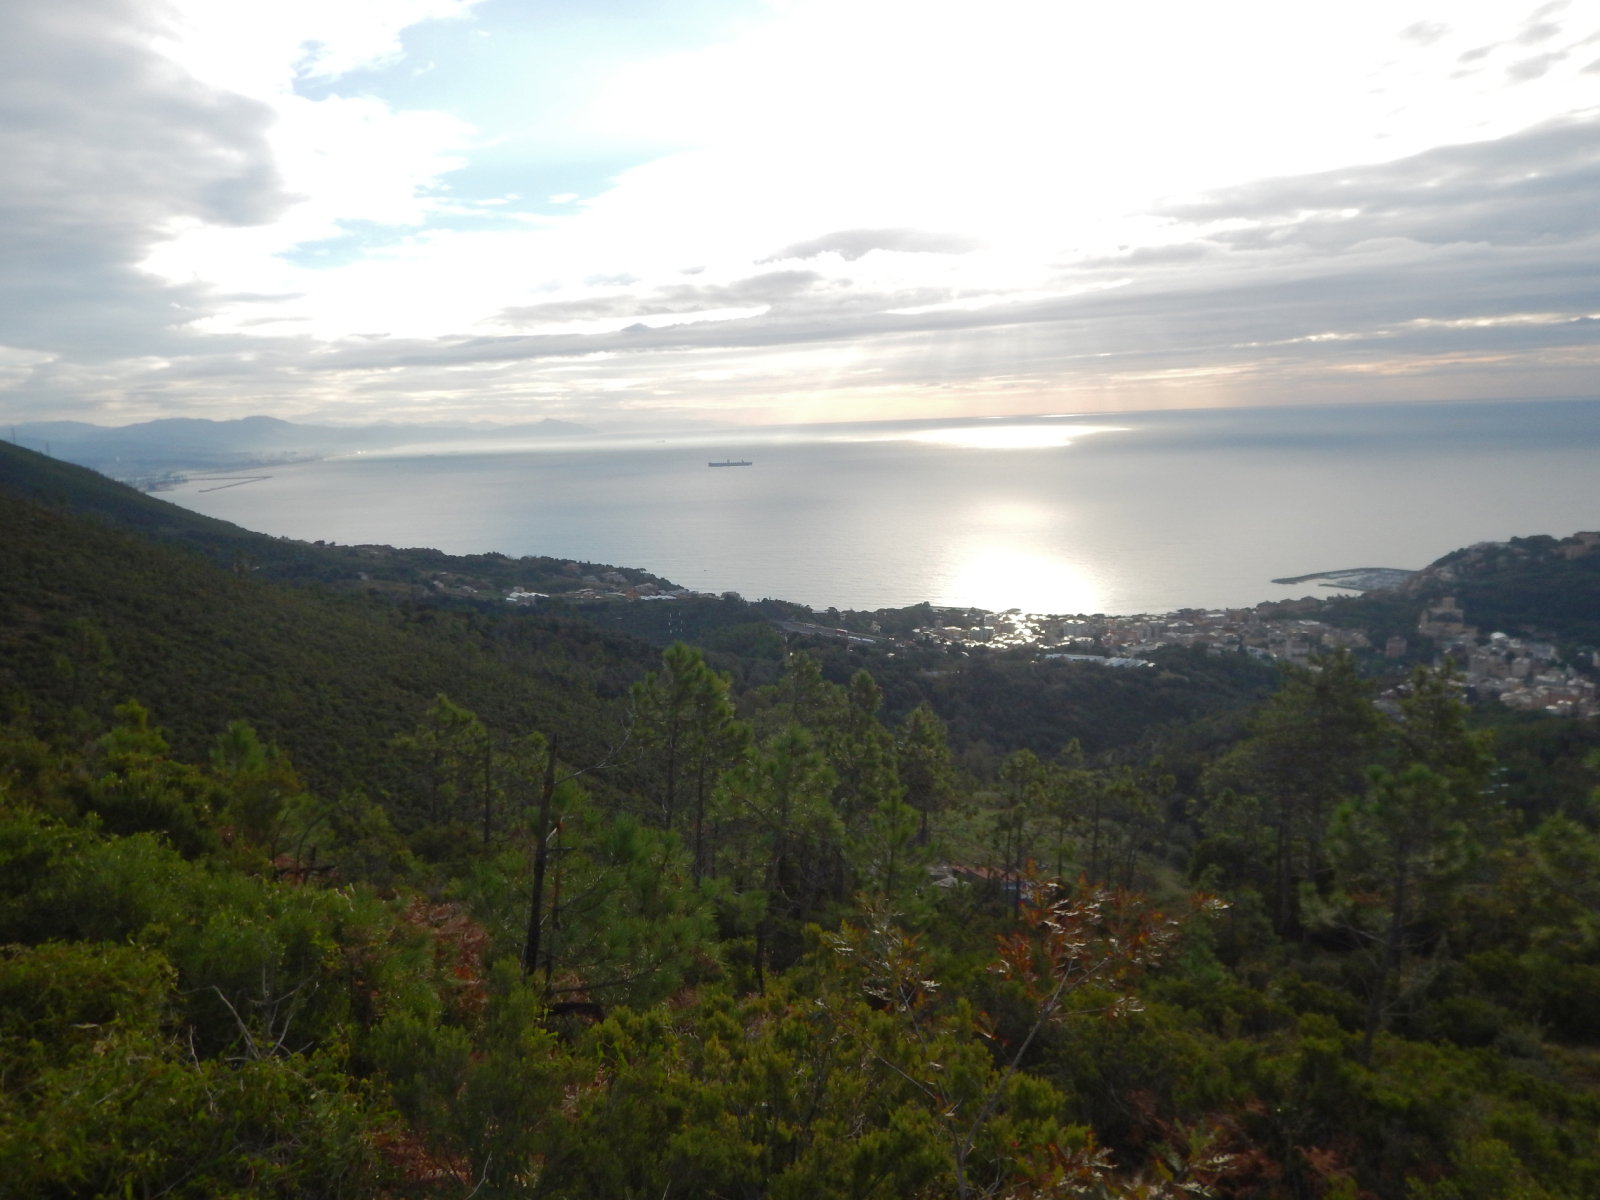 Parco naturale regionale del Beigua - Monte Reixa da Arenzano-2sajprk.jpg